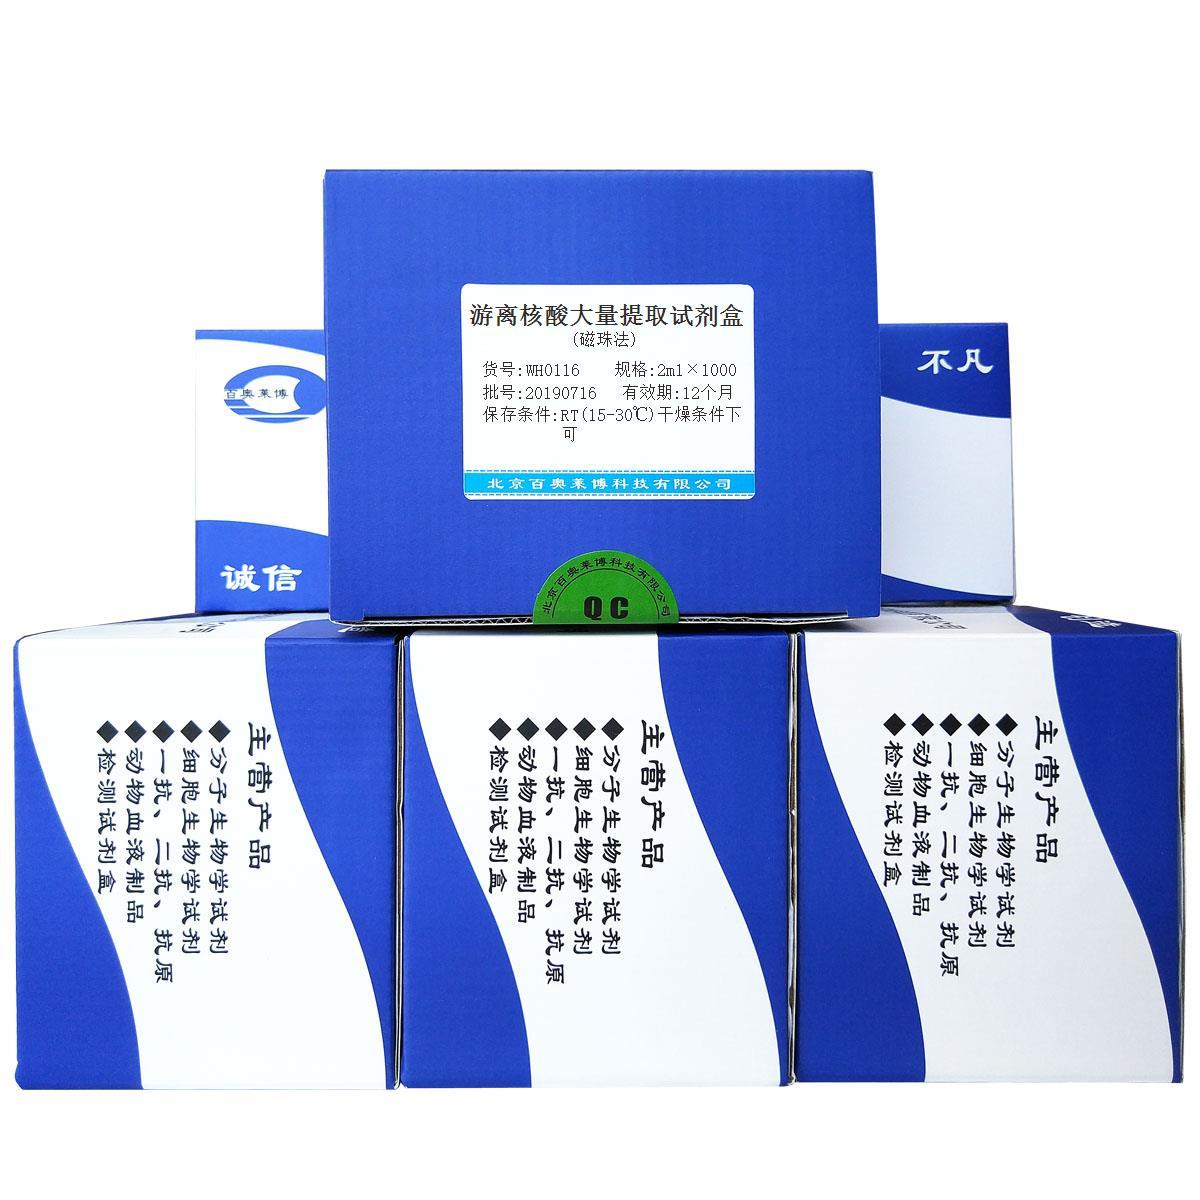 游离核酸大量提取试剂盒(磁珠法)